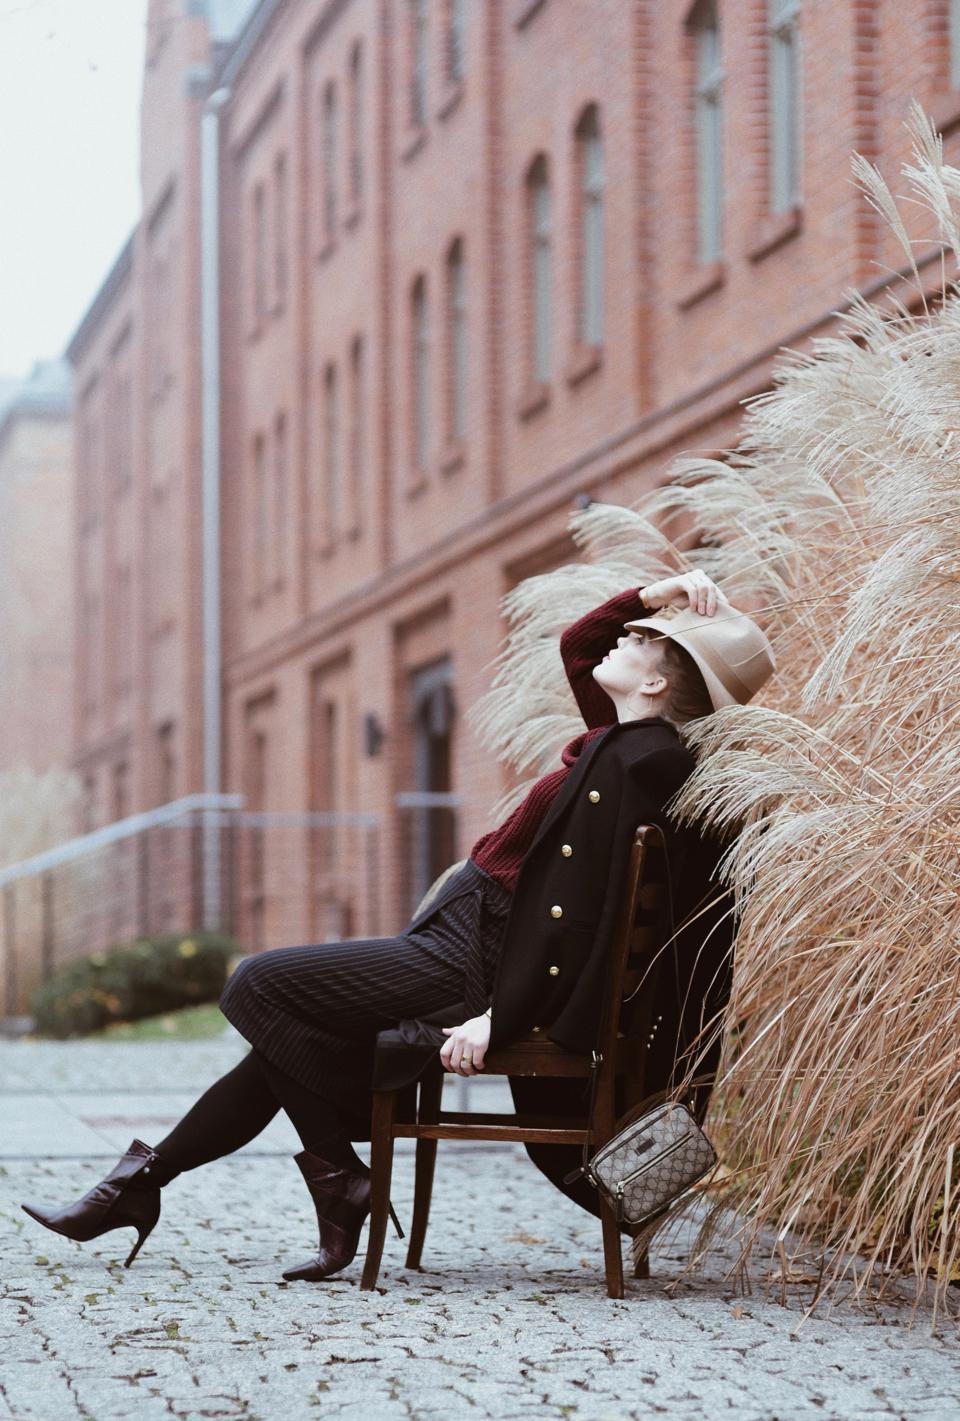 sylwia-zaręba-gierz-blogerka-modowa-gdańsk-trójmiasto-instagram